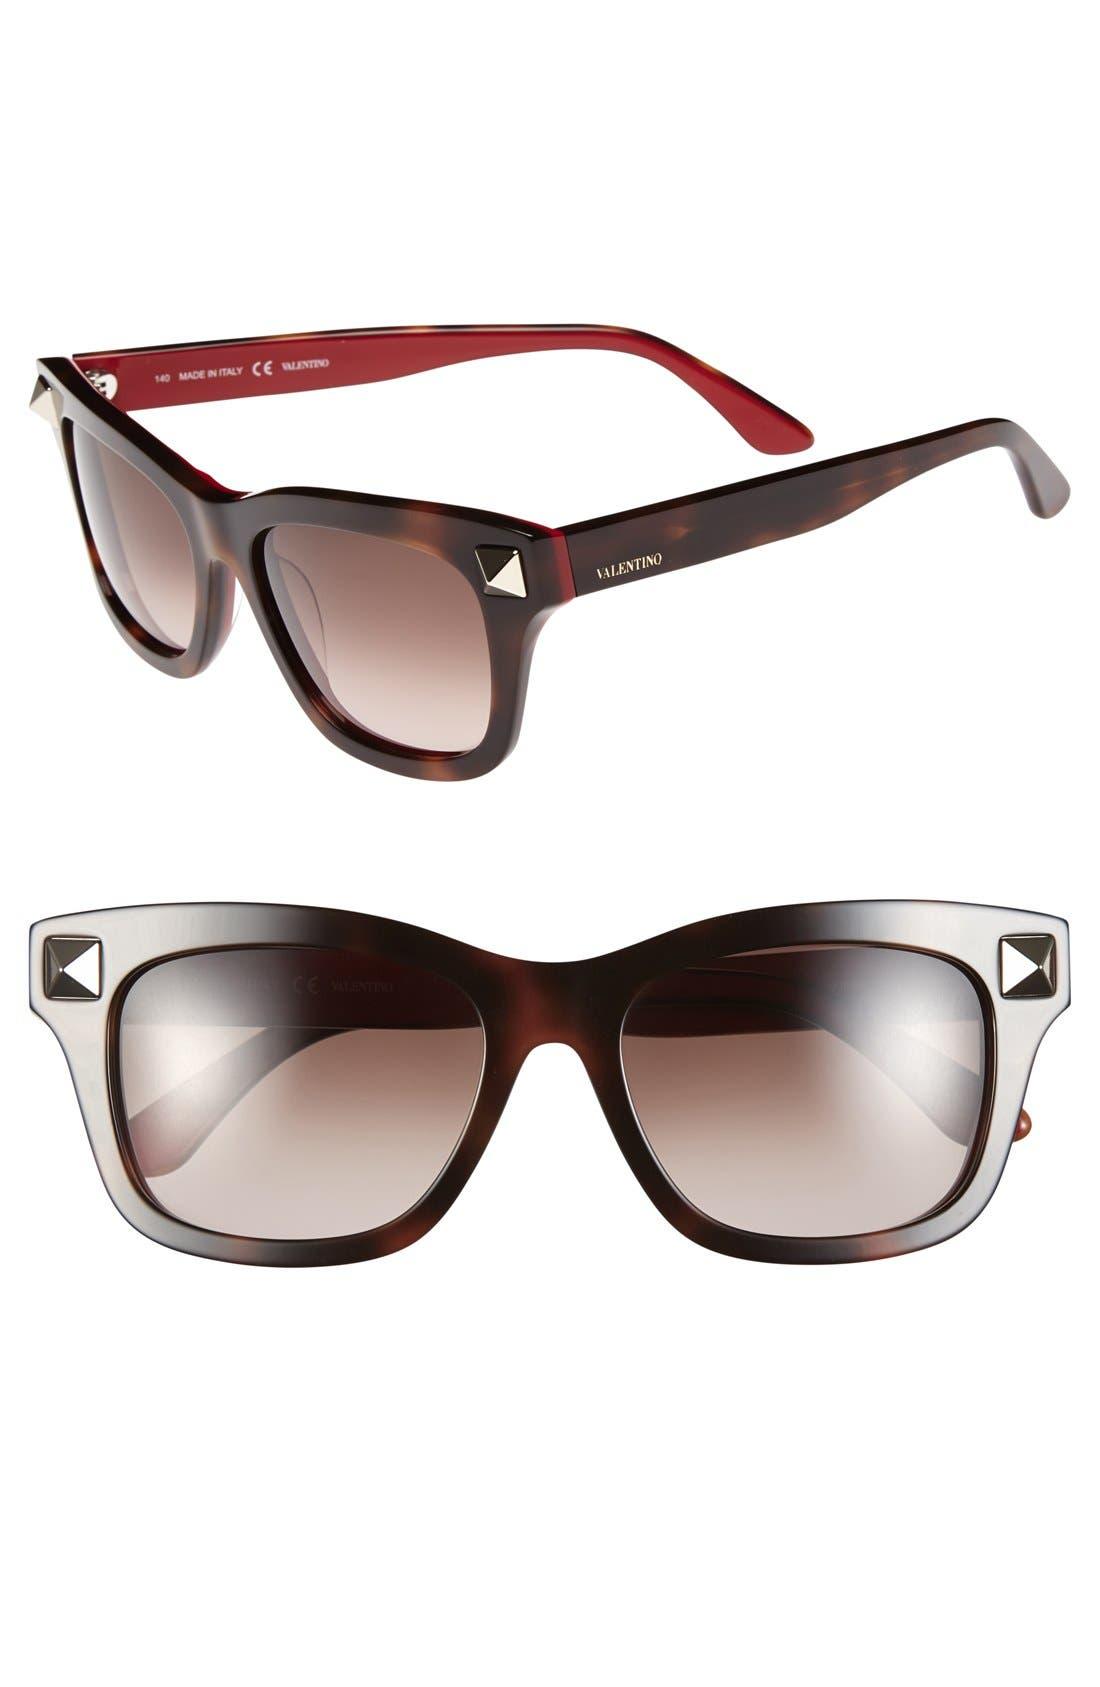 Alternate Image 1 Selected - Valentino 'Rockstud' 53mm Studded Sunglasses